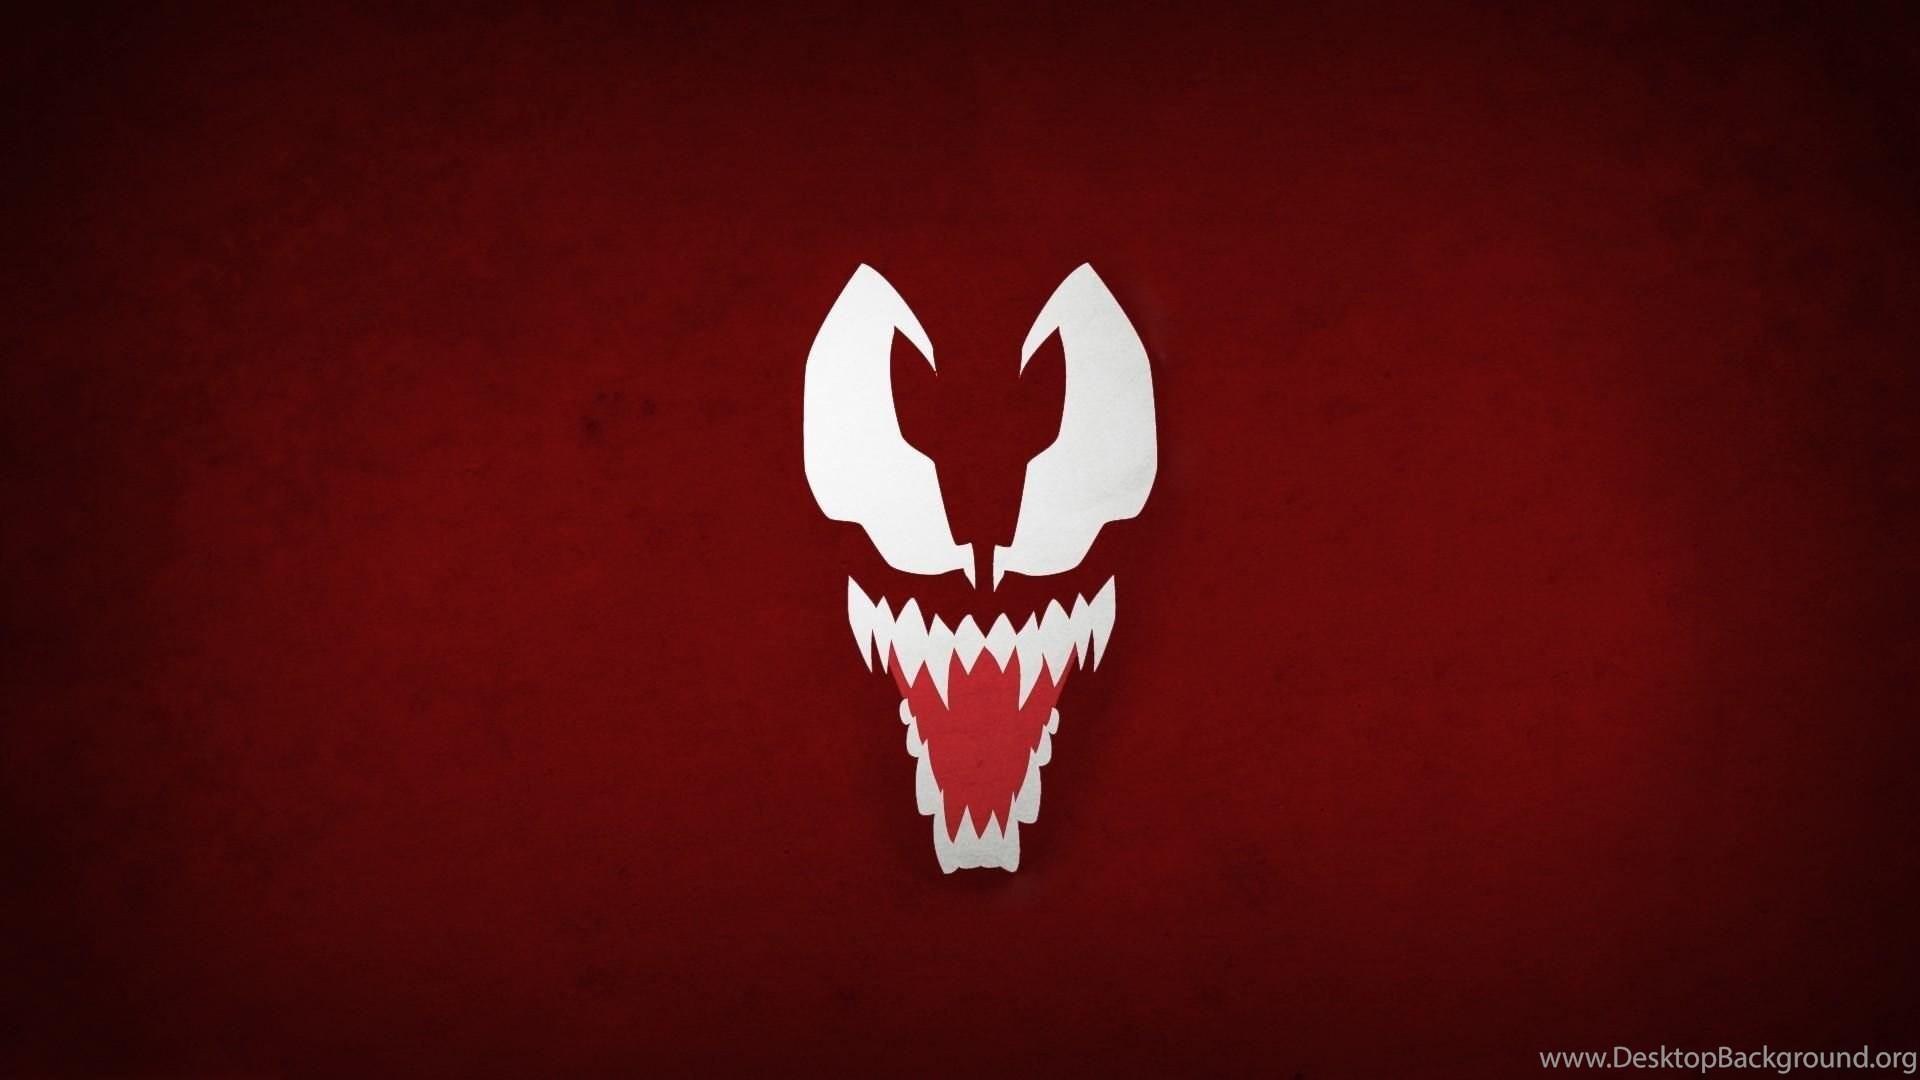 Spider Man Carnage Wallpapers Desktop Background